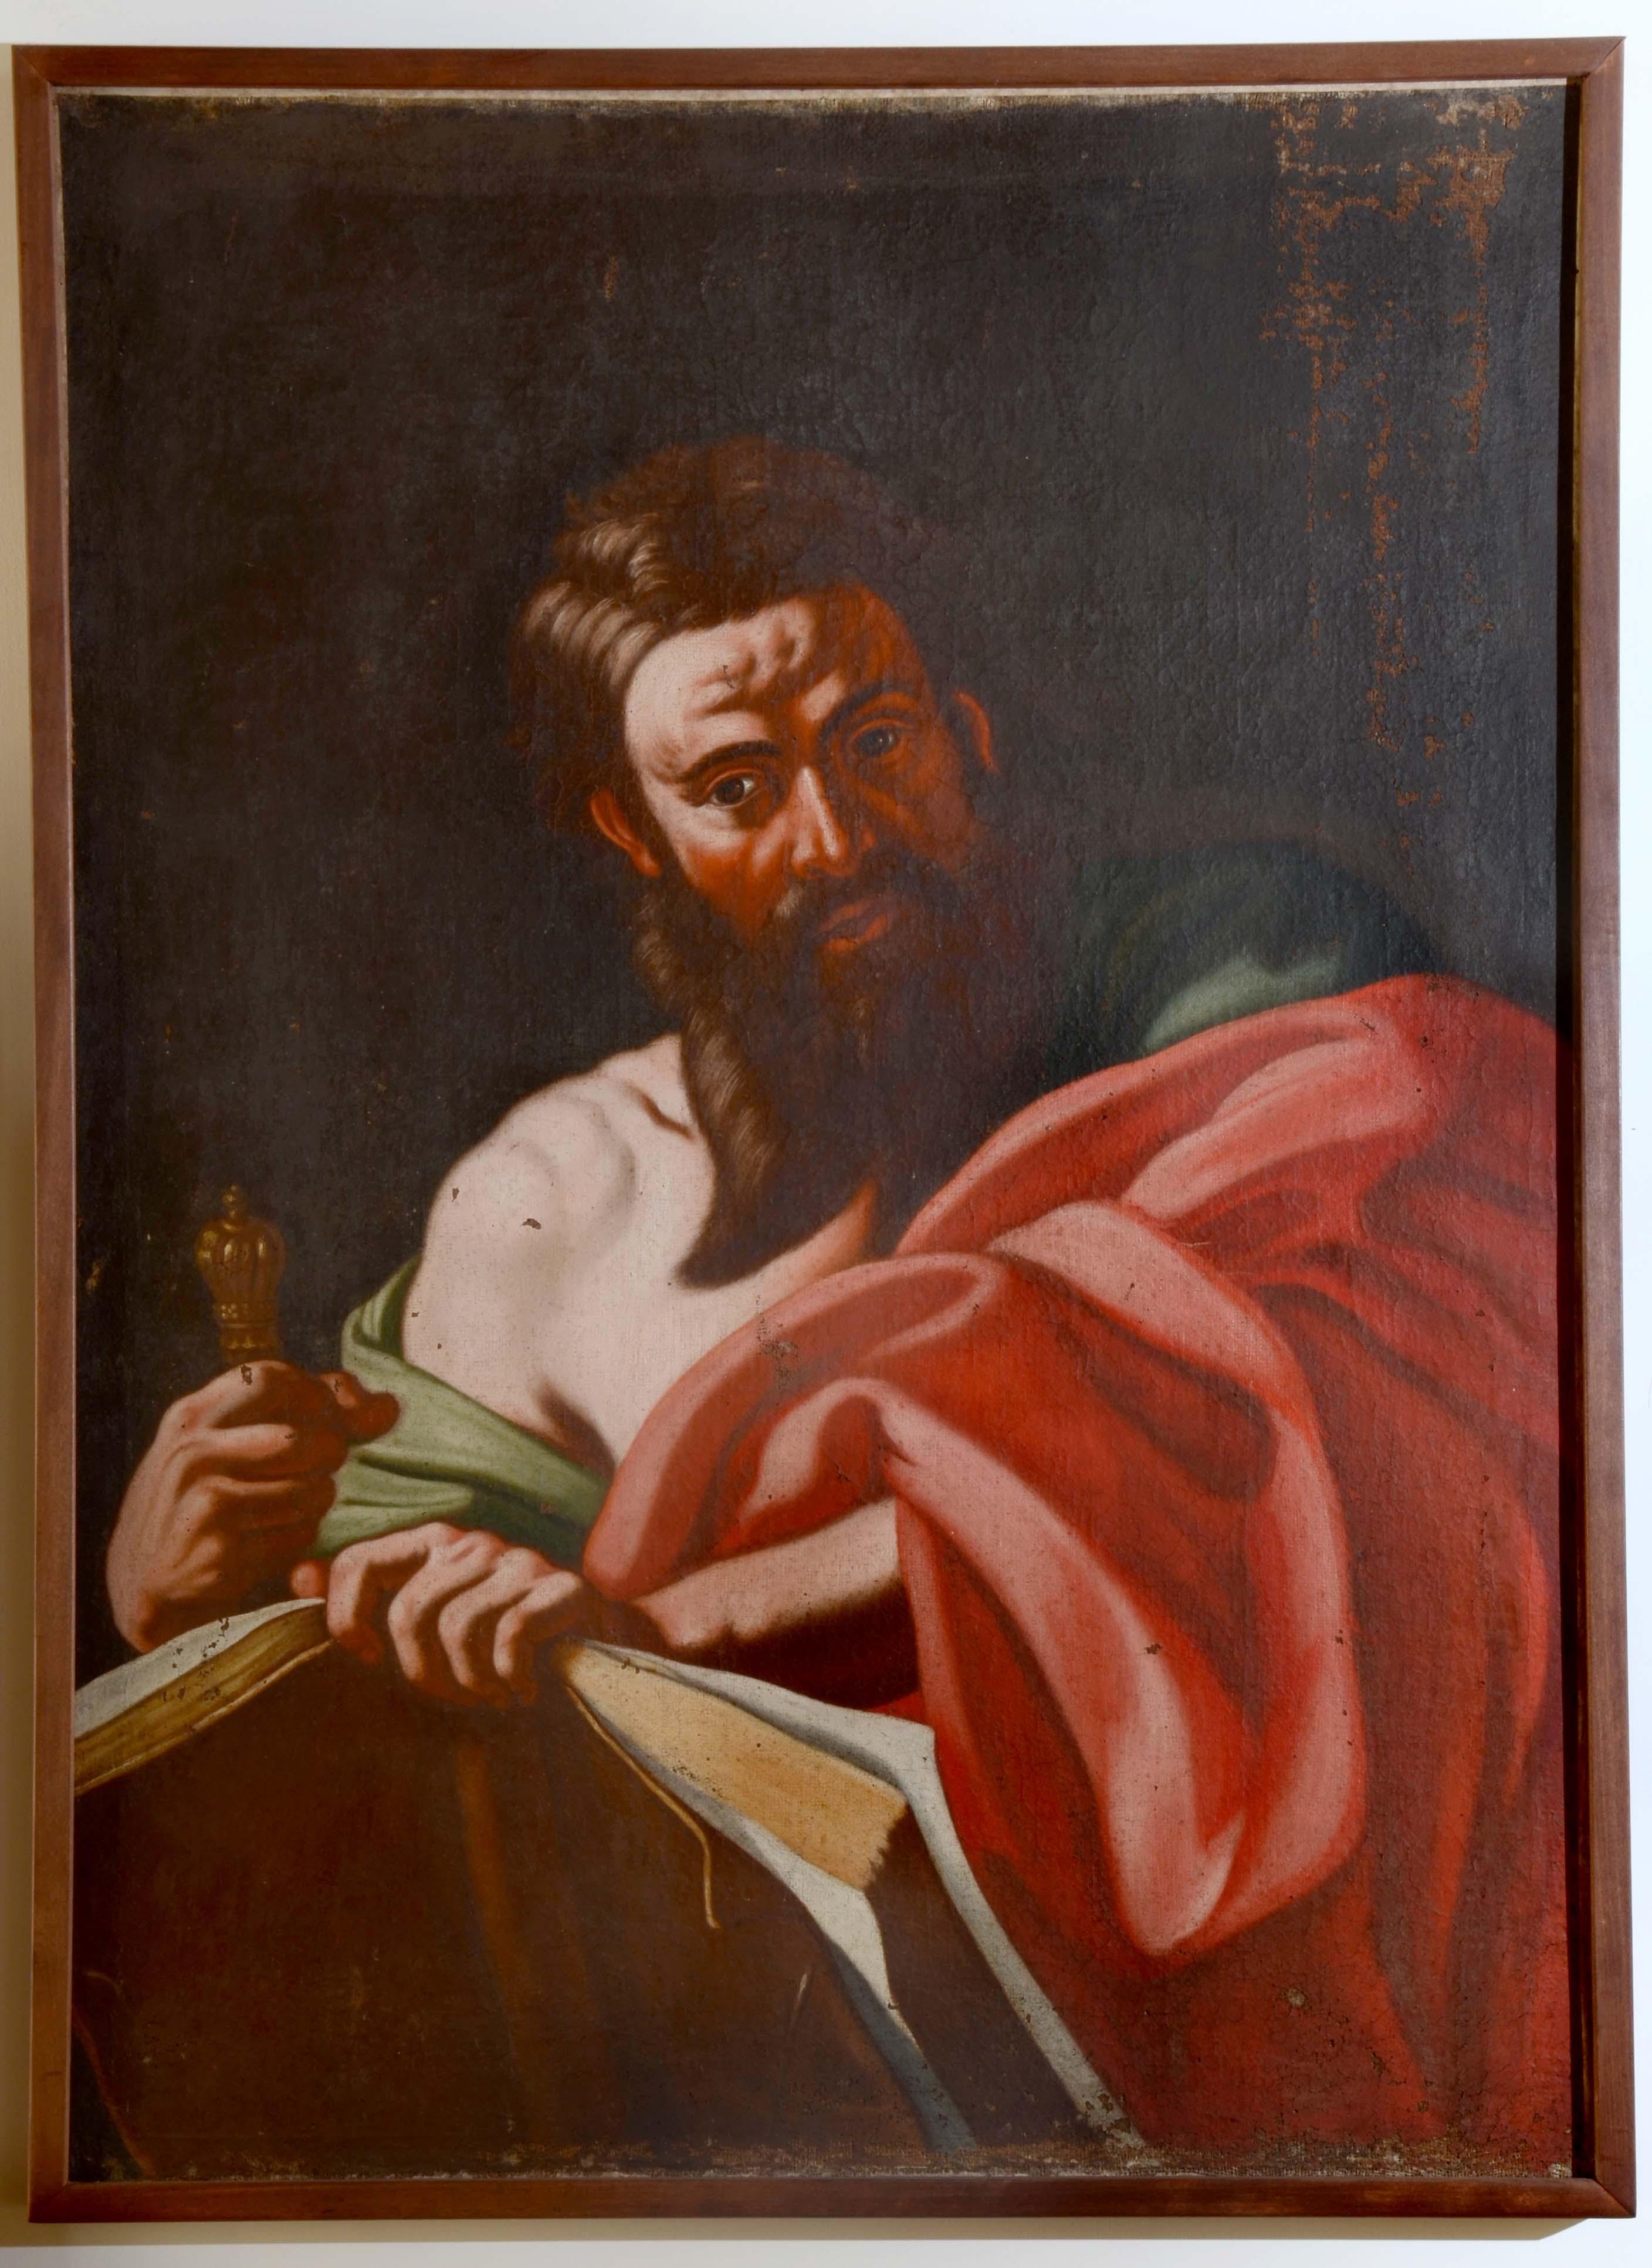 San Paolo, San Paolo (dipinto) di ignoto pittore meridionale (attribuito) - ambito napoletano (XVIII, seconda metà)